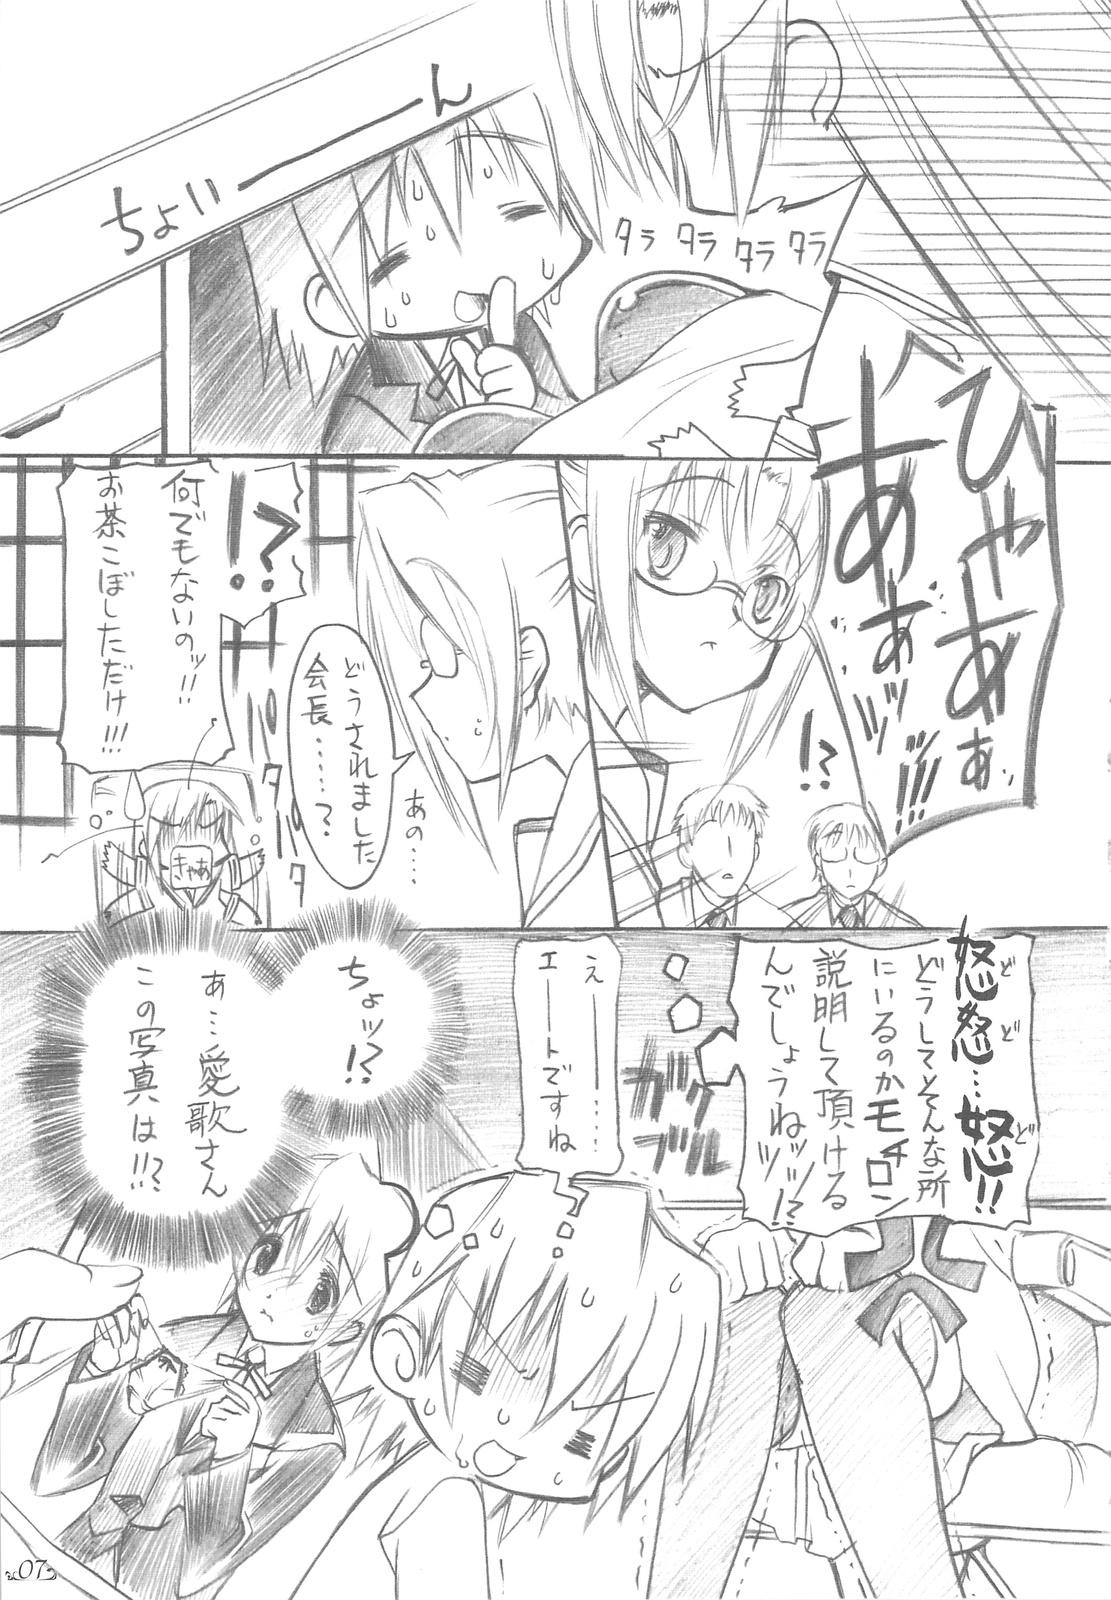 Honogurai Taku no Shita Kara 5